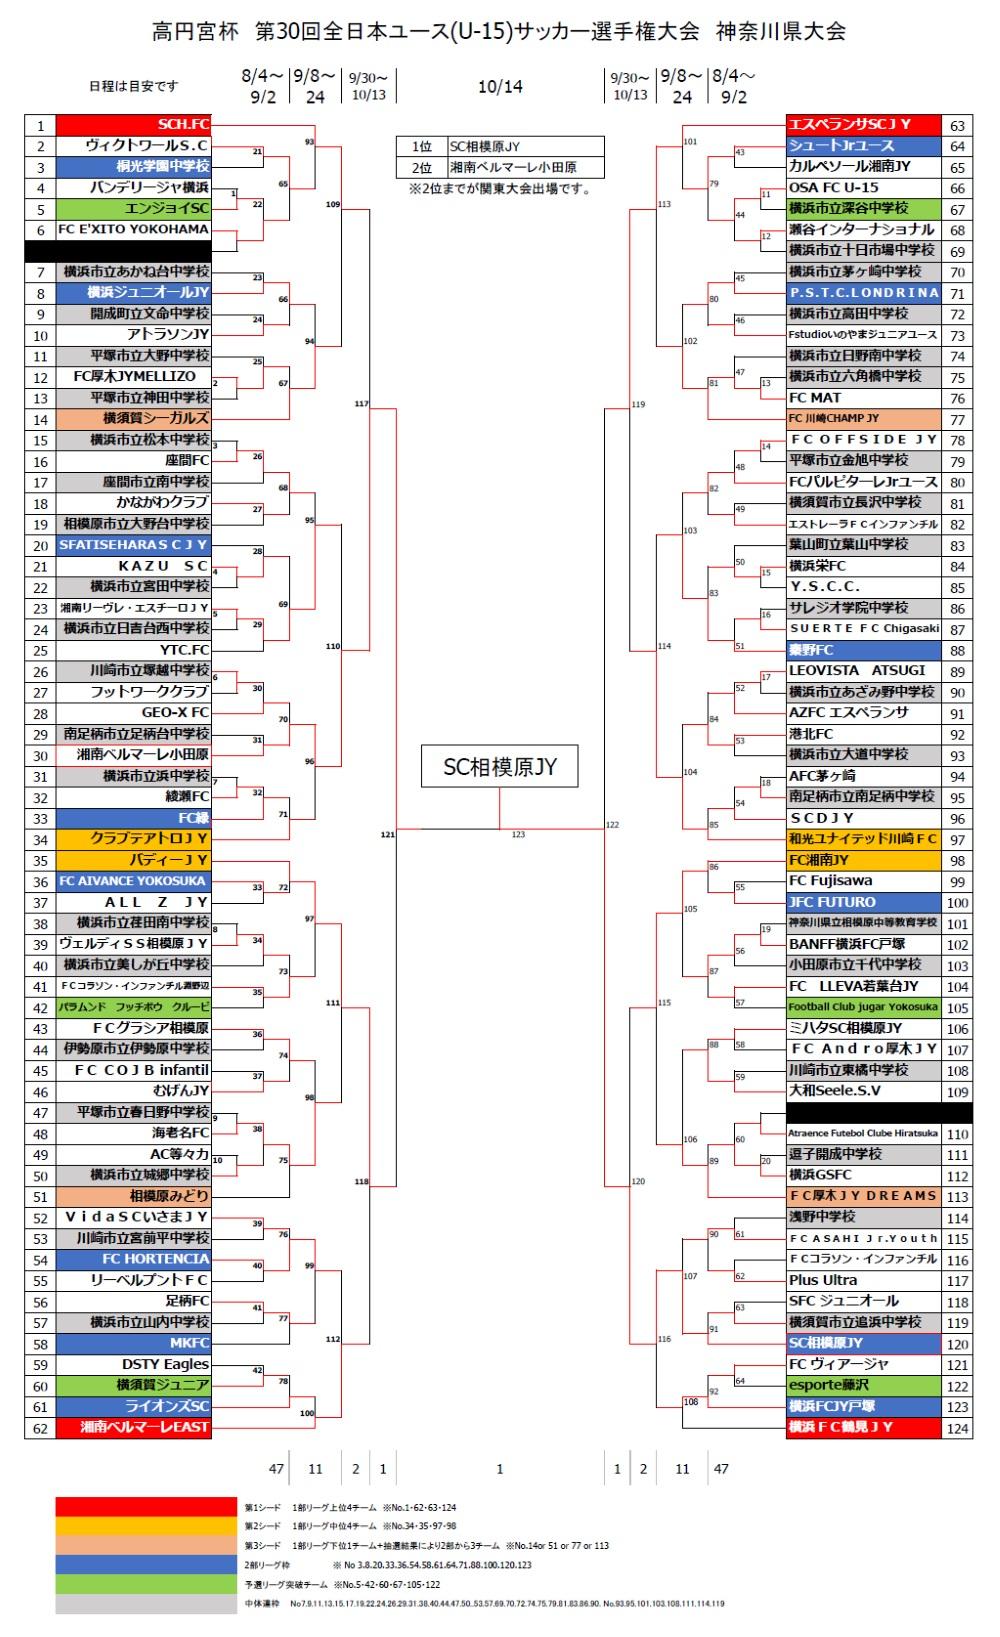 高円宮 杯 関東 大会